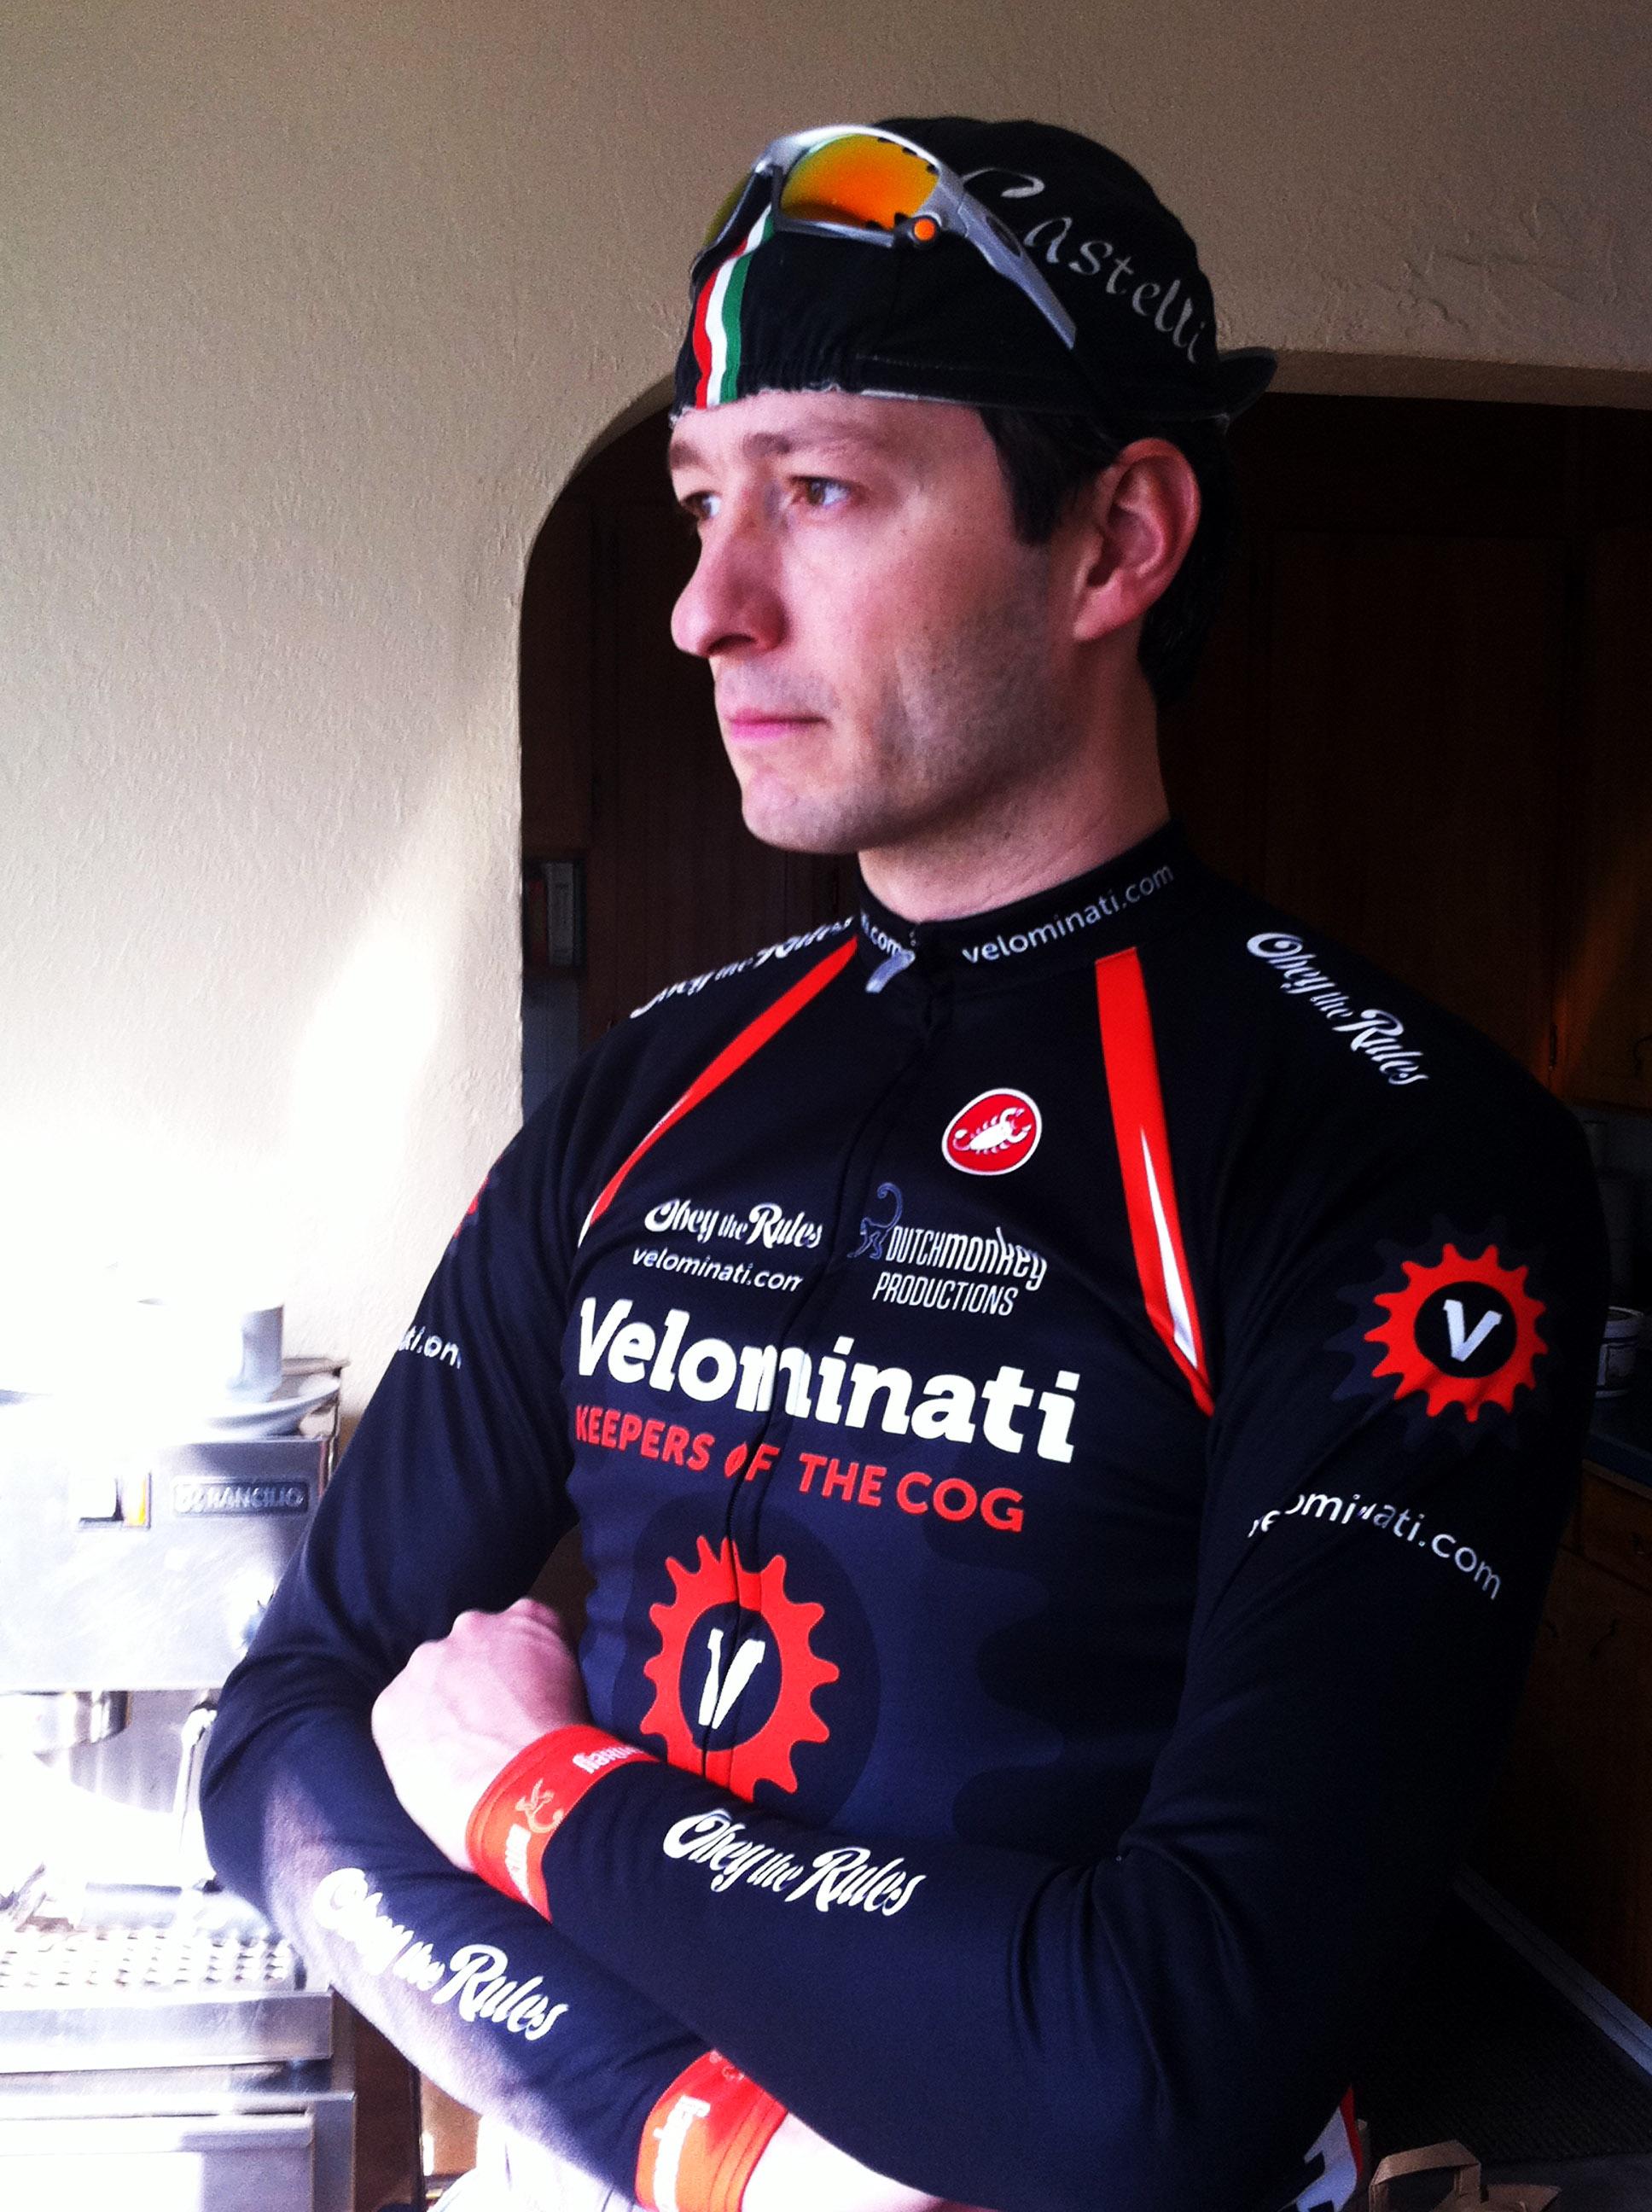 cycling cap backwards brim up